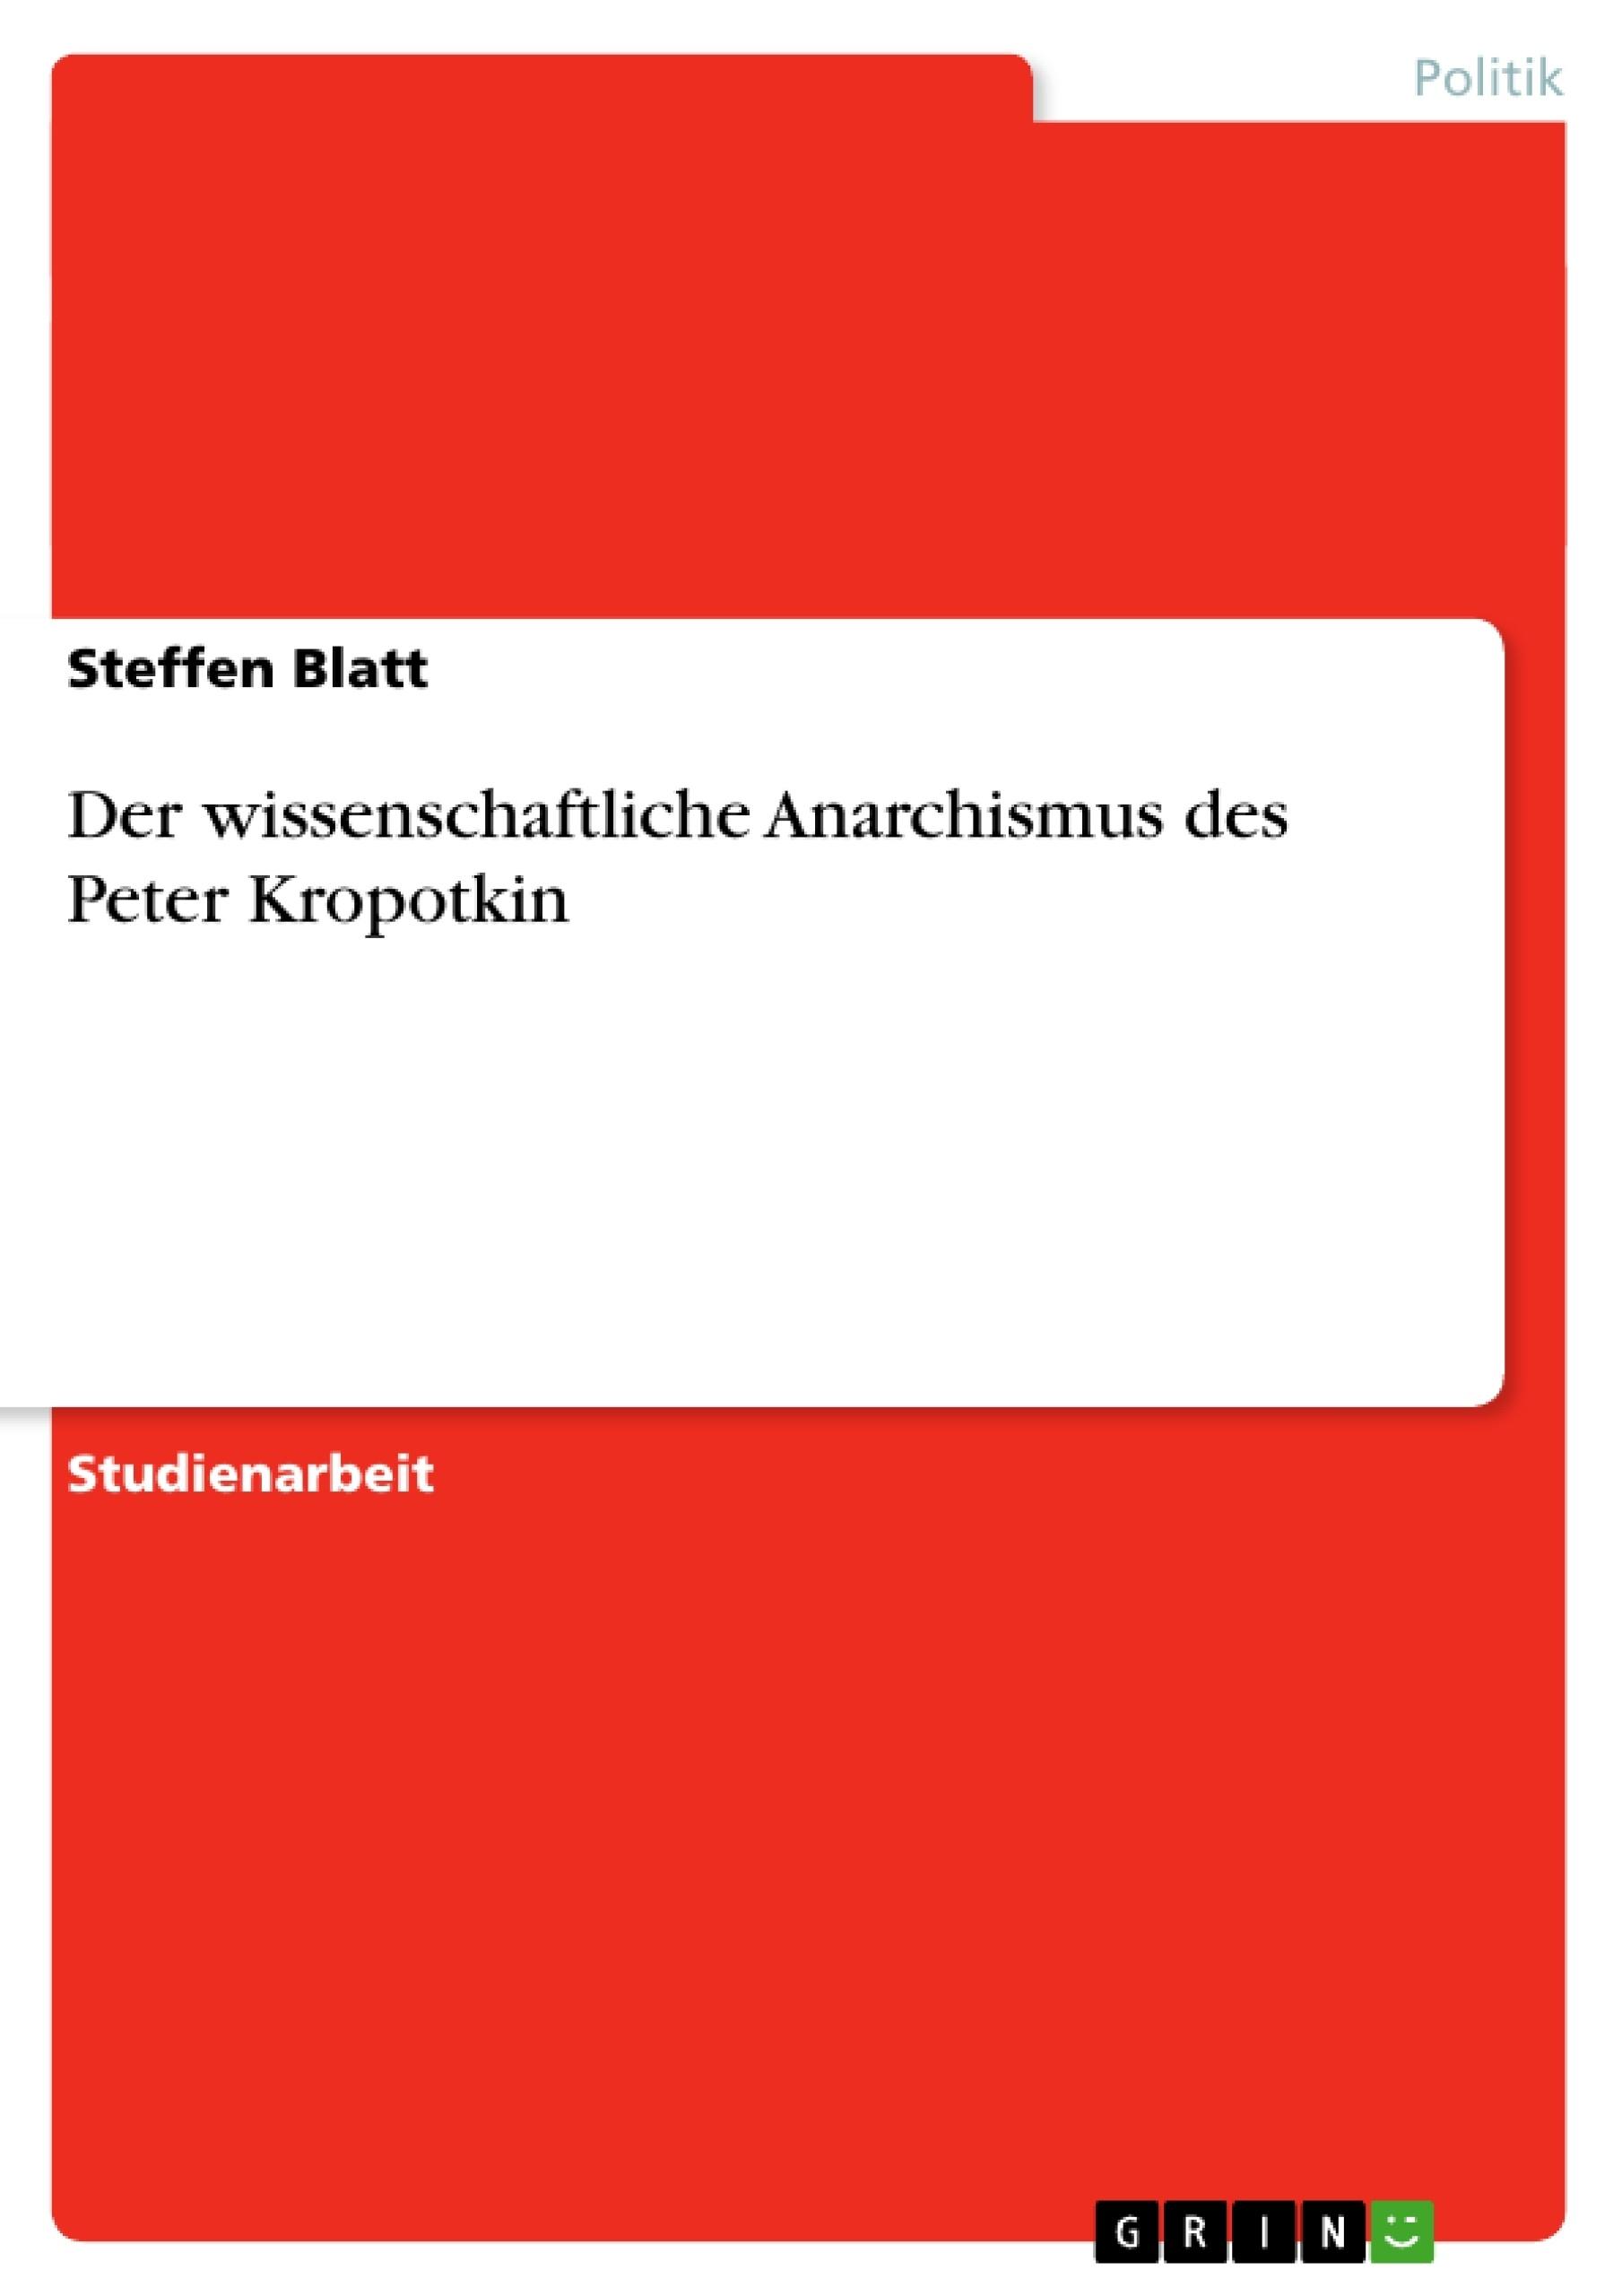 Titel: Der wissenschaftliche Anarchismus des Peter Kropotkin